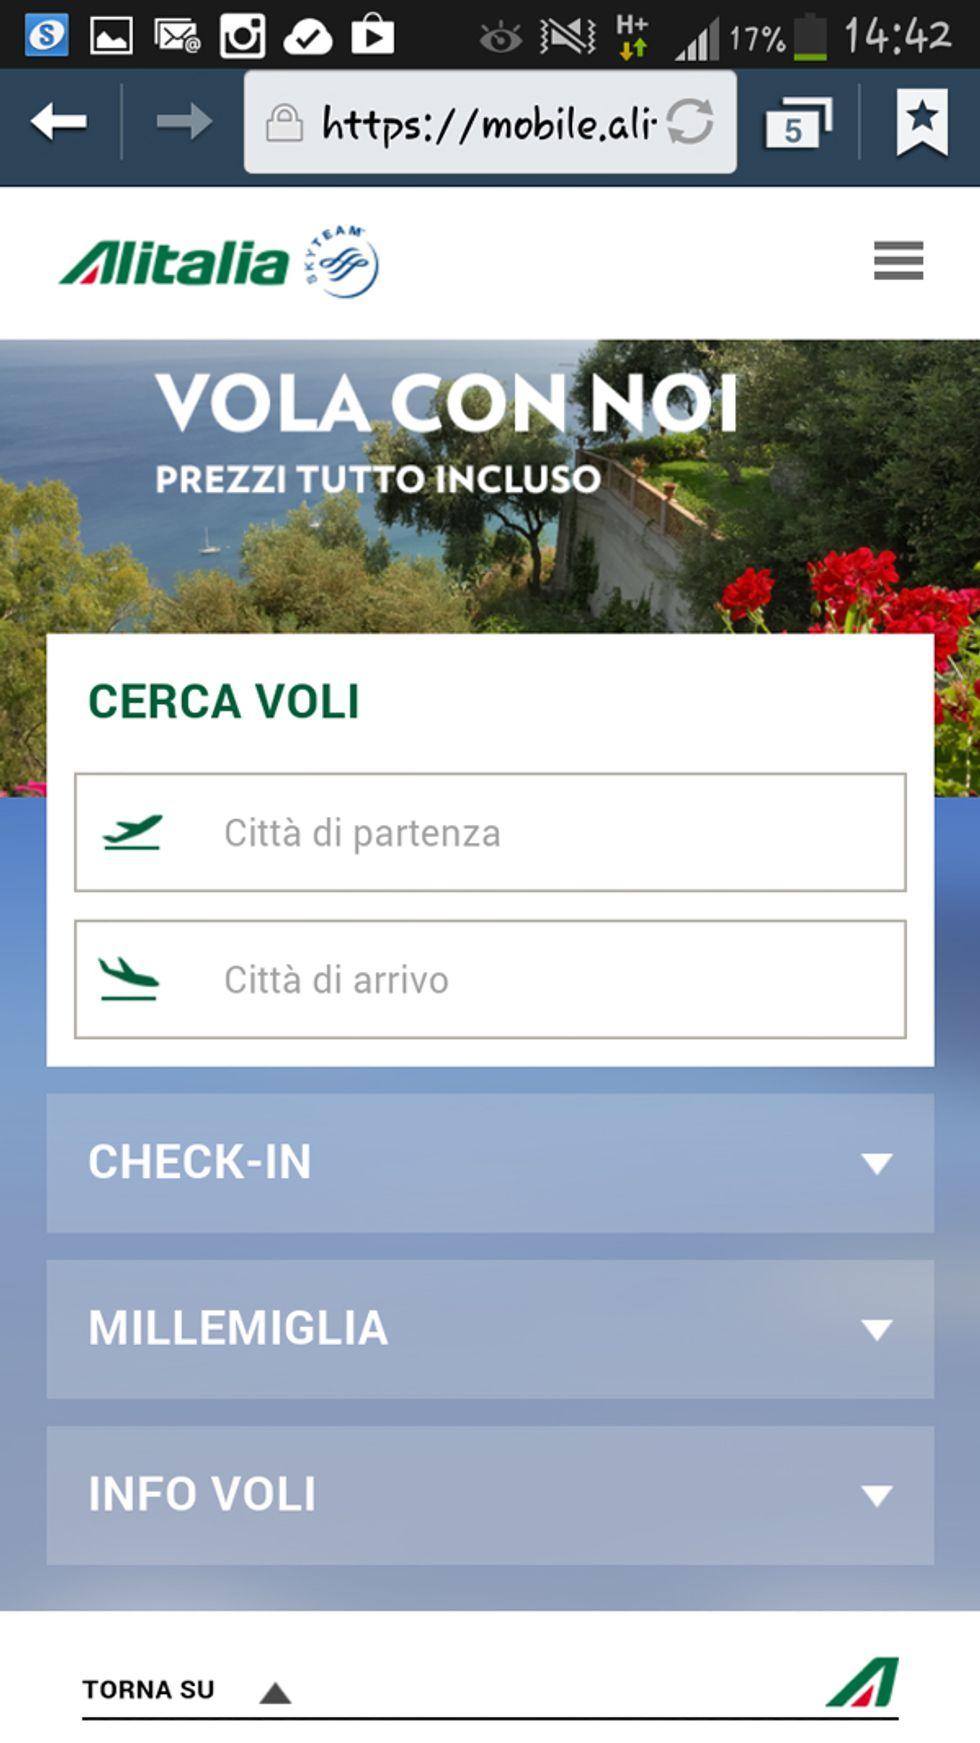 Alitalia rinnova il sito mobile